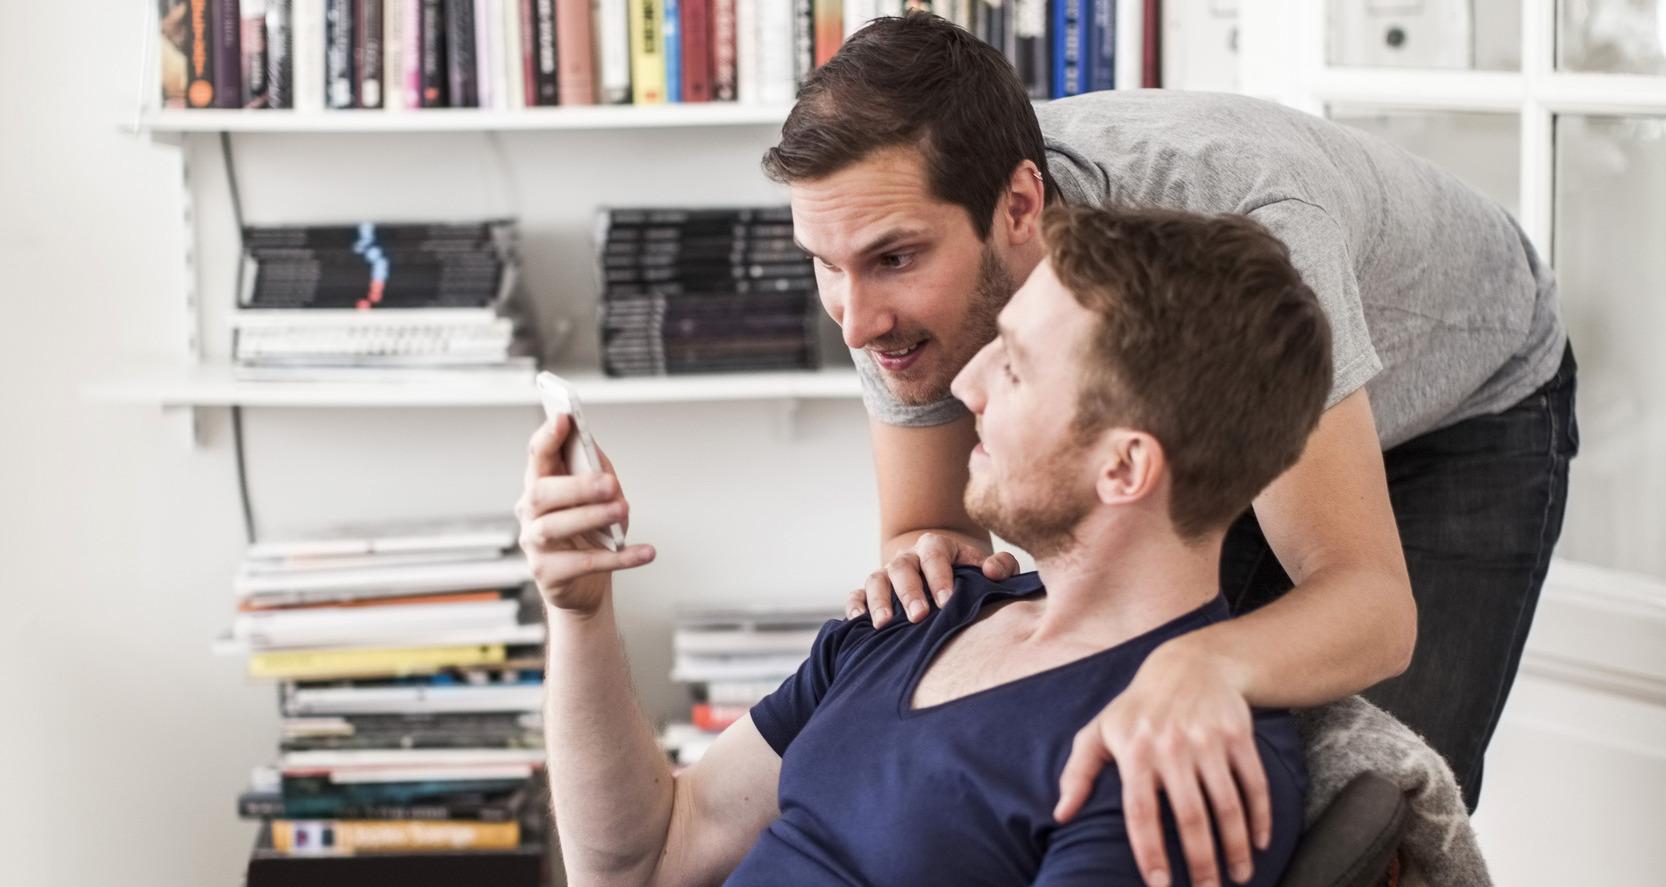 ゲイの求人に応募するなら色々な職種を試してみよう